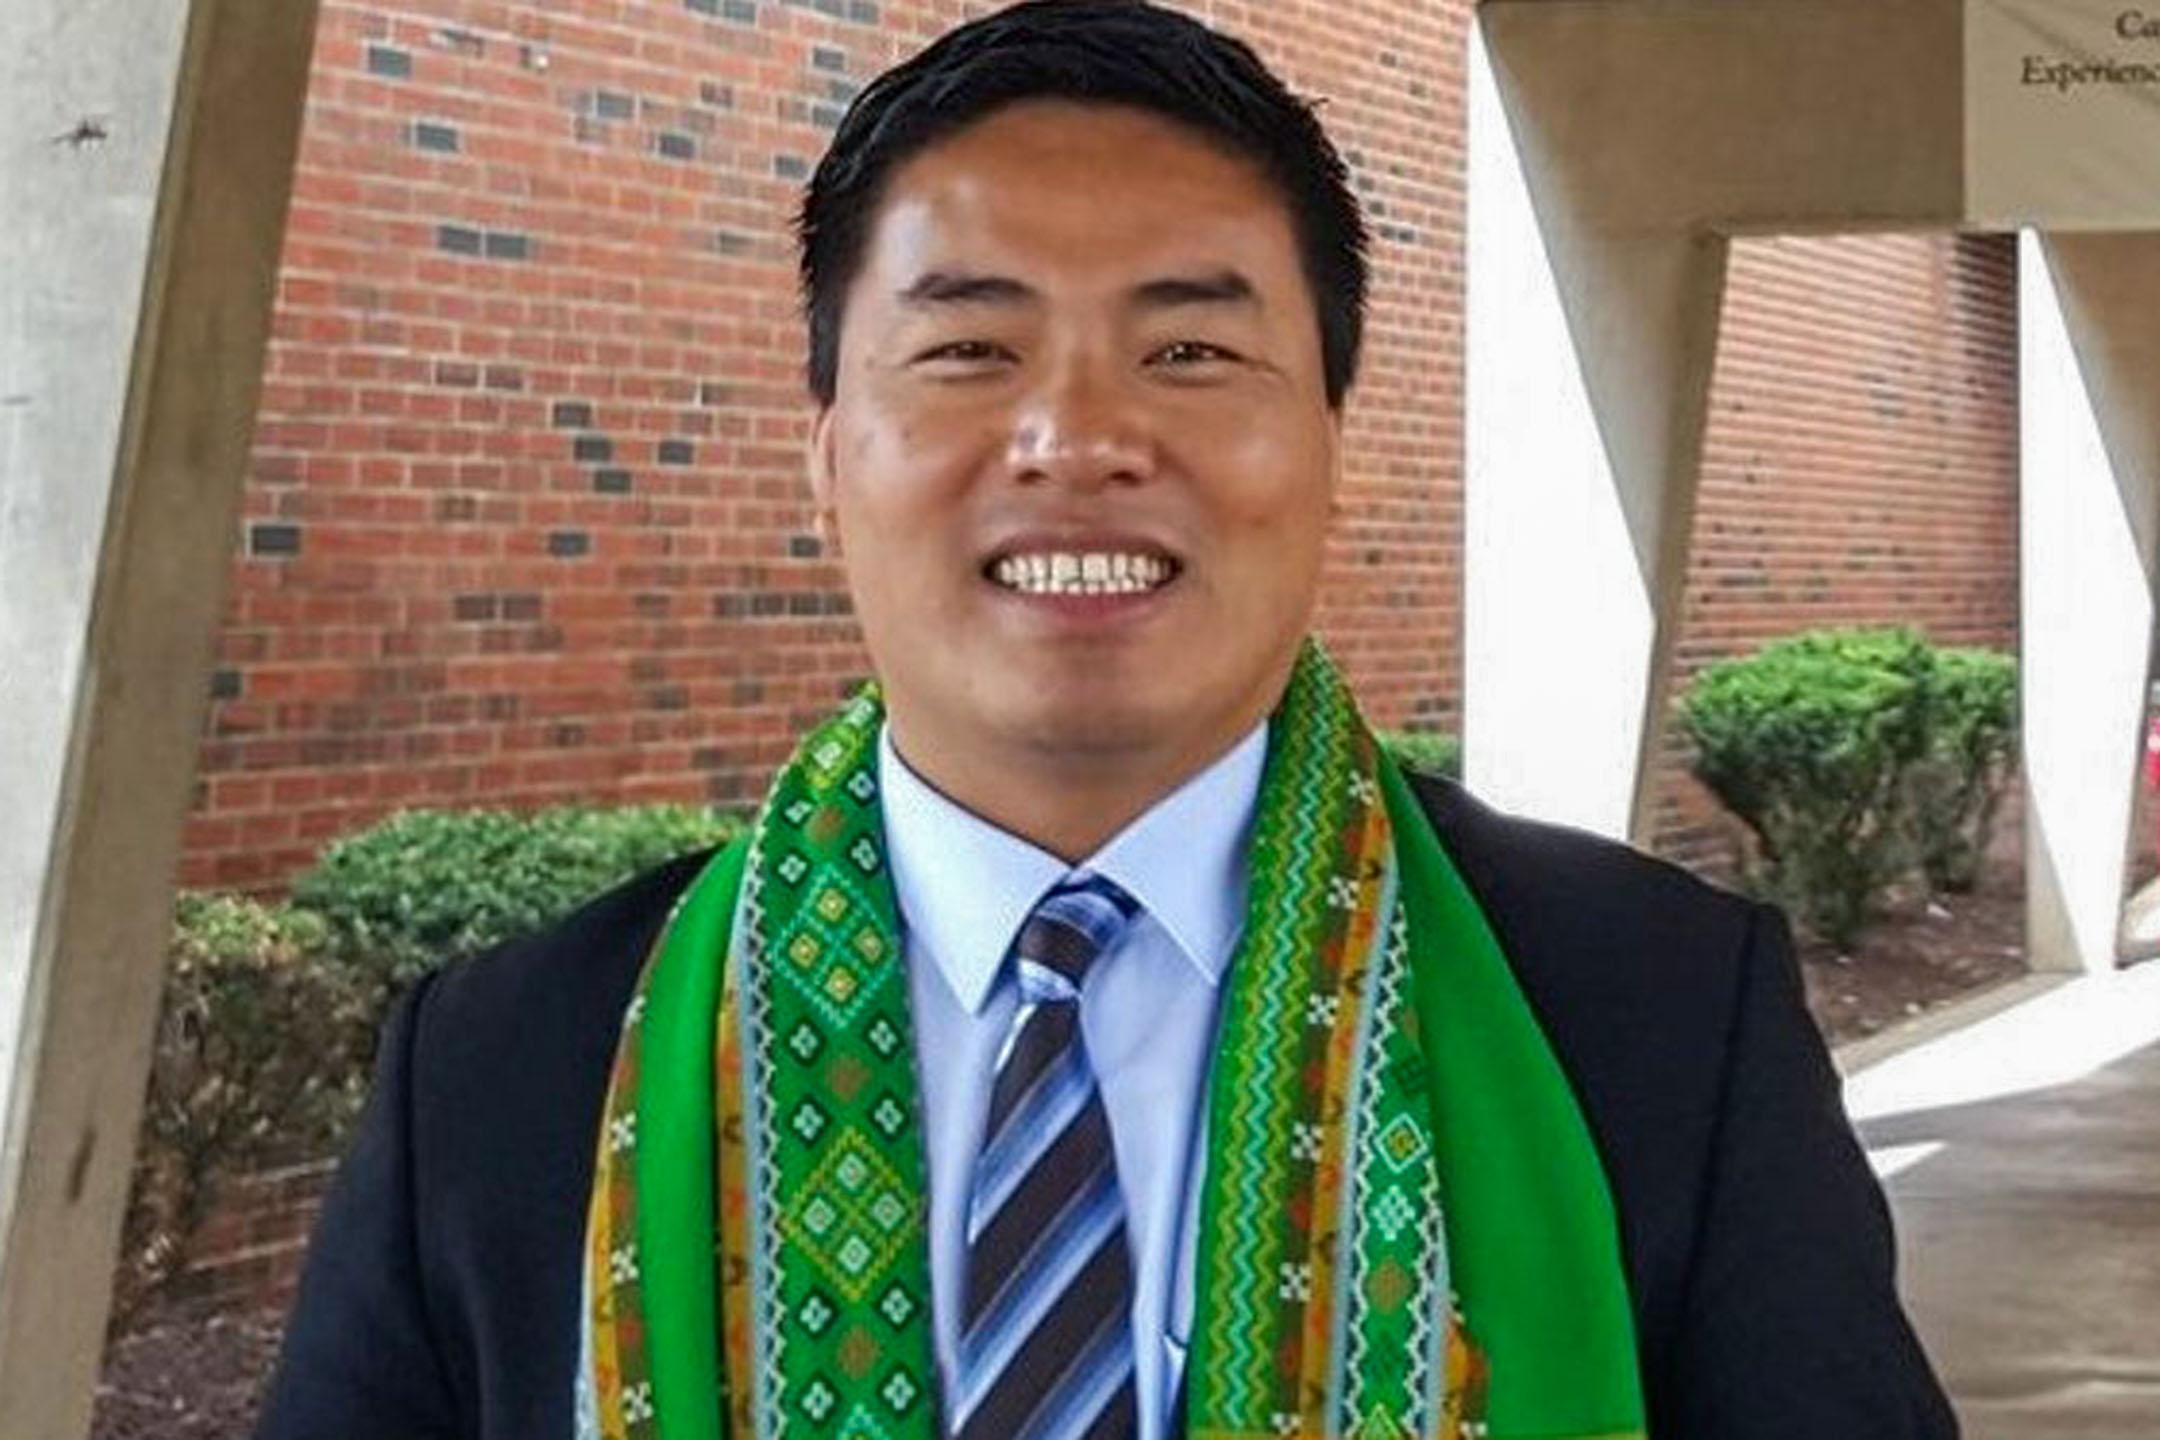 緬甸平行政府,也即全國團結政府(National Unity Government)的國際合作部長的薩莎醫生(Dr Sasa)。